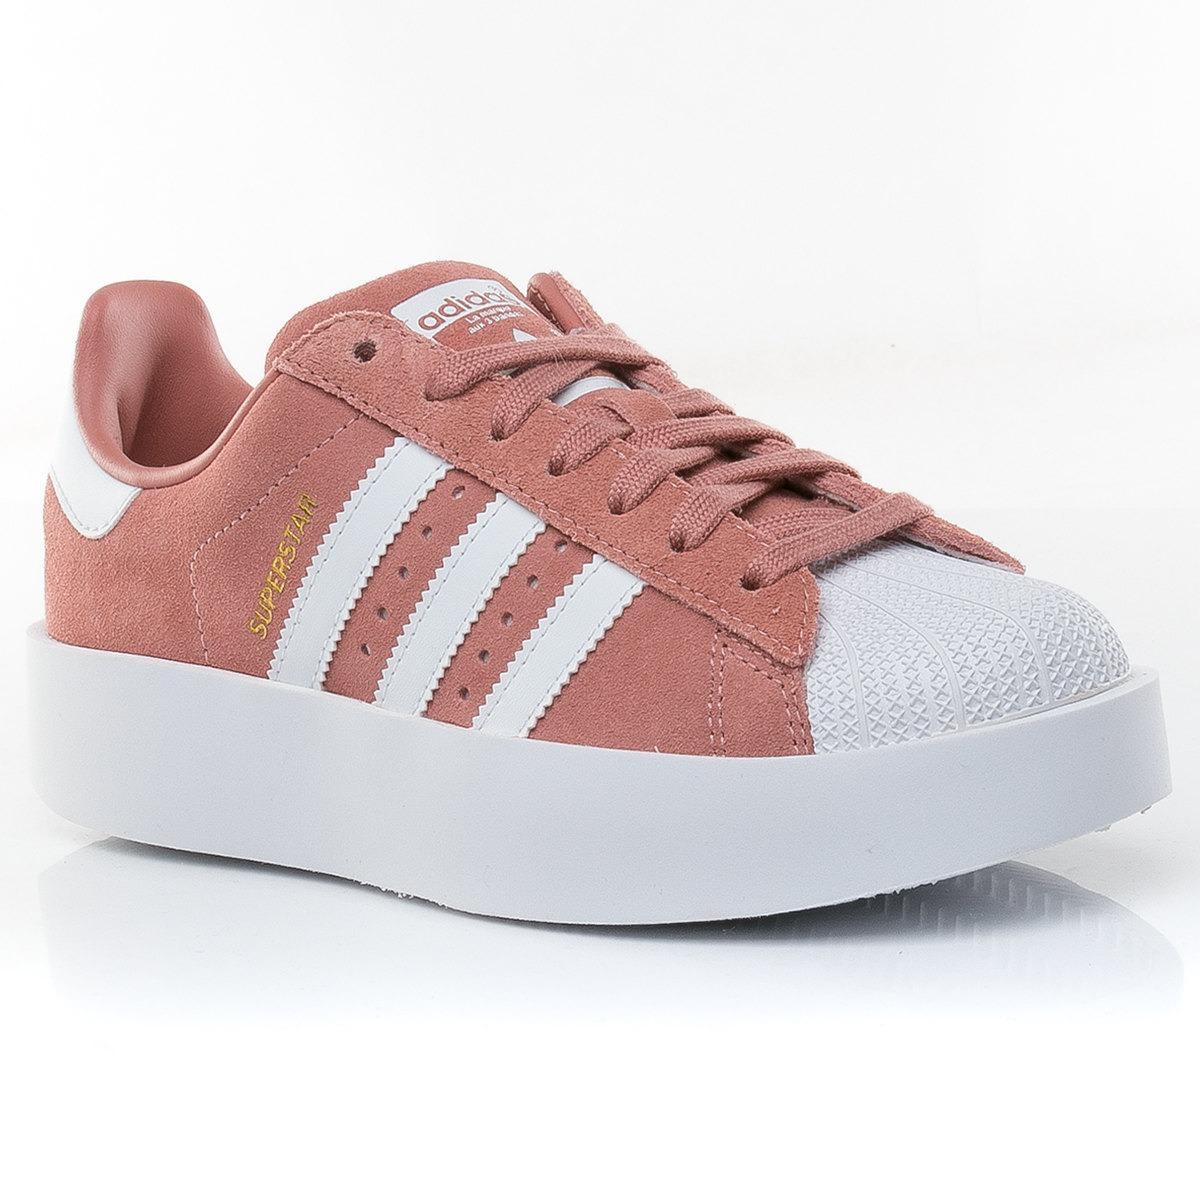 sale retailer a5f40 5fa29 zapatillas superstar bold w adidas blast tienda oficial. Cargando zoom.